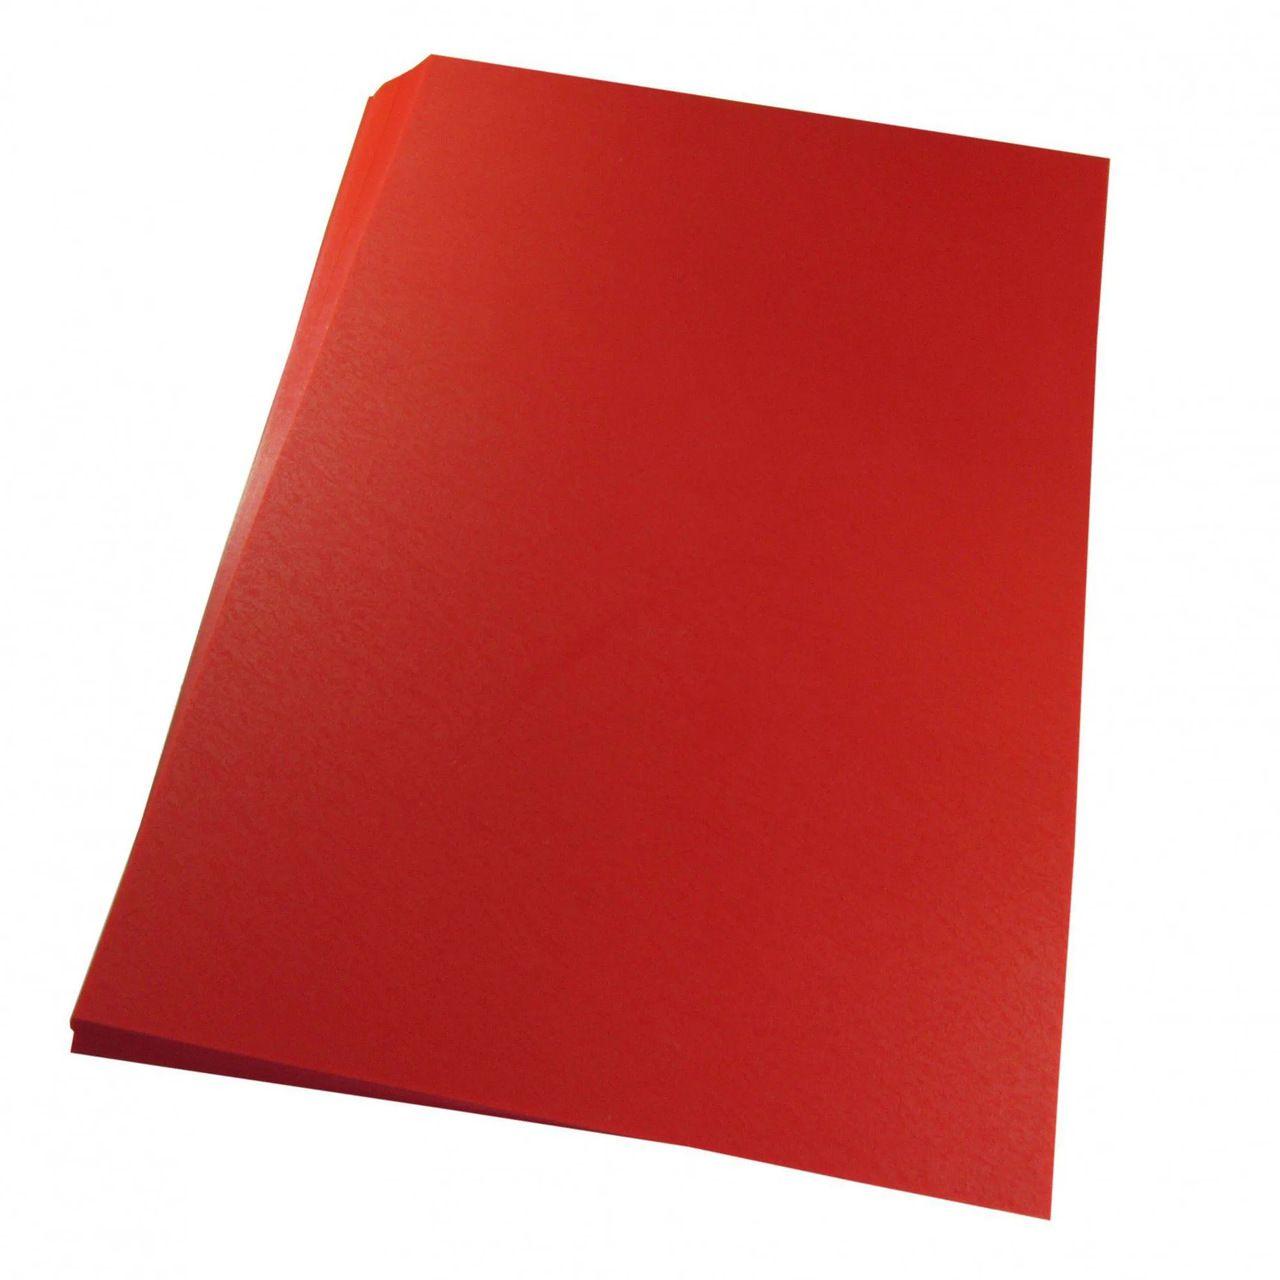 Capas para Encadernação Vermelha Tamanho A3 0,28 de PVC